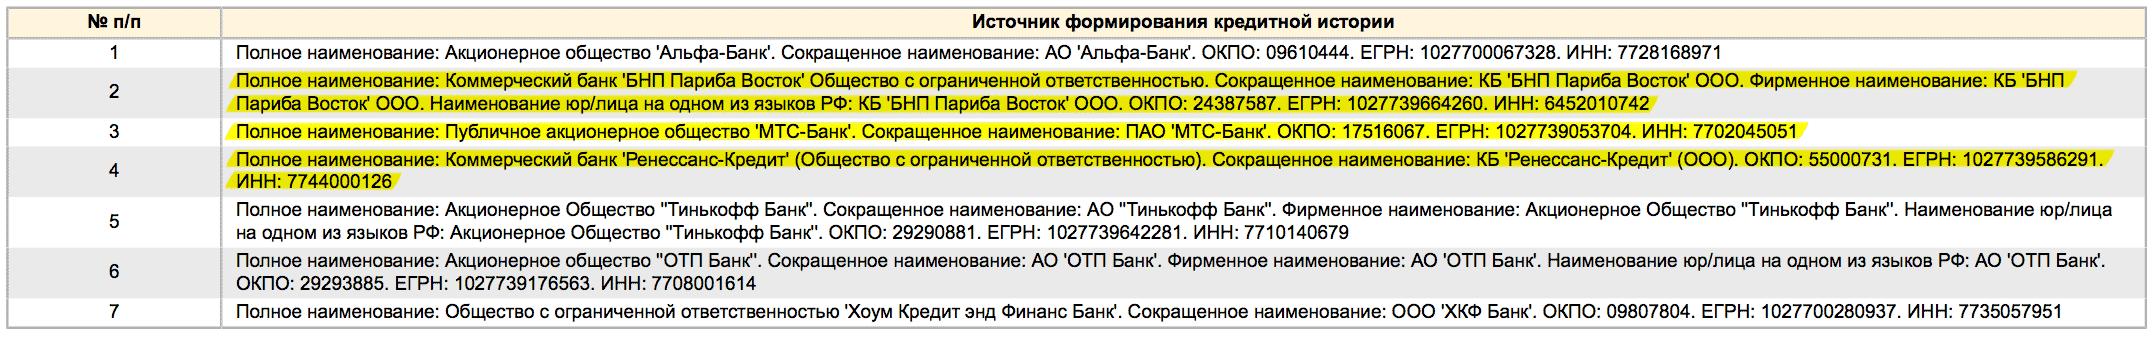 отп банк отзывы клиентов о кредитах наличными москва